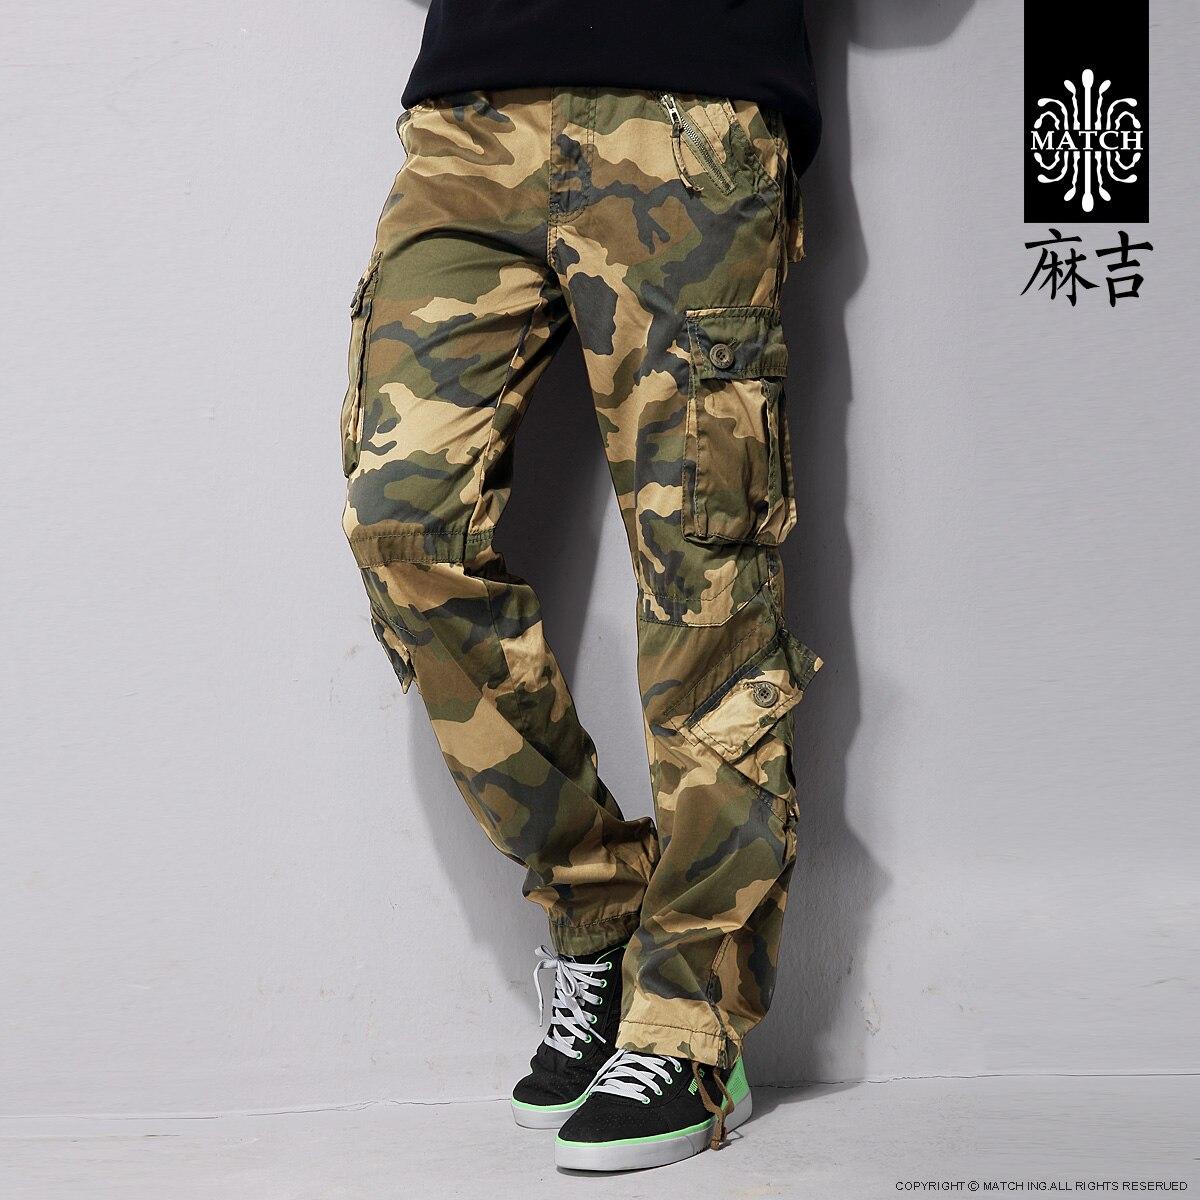 2019 printemps nouveauté Match camouflage long pantalon lâche grande taille multi poches Combat militaire armée cargo pantalon pour hommes